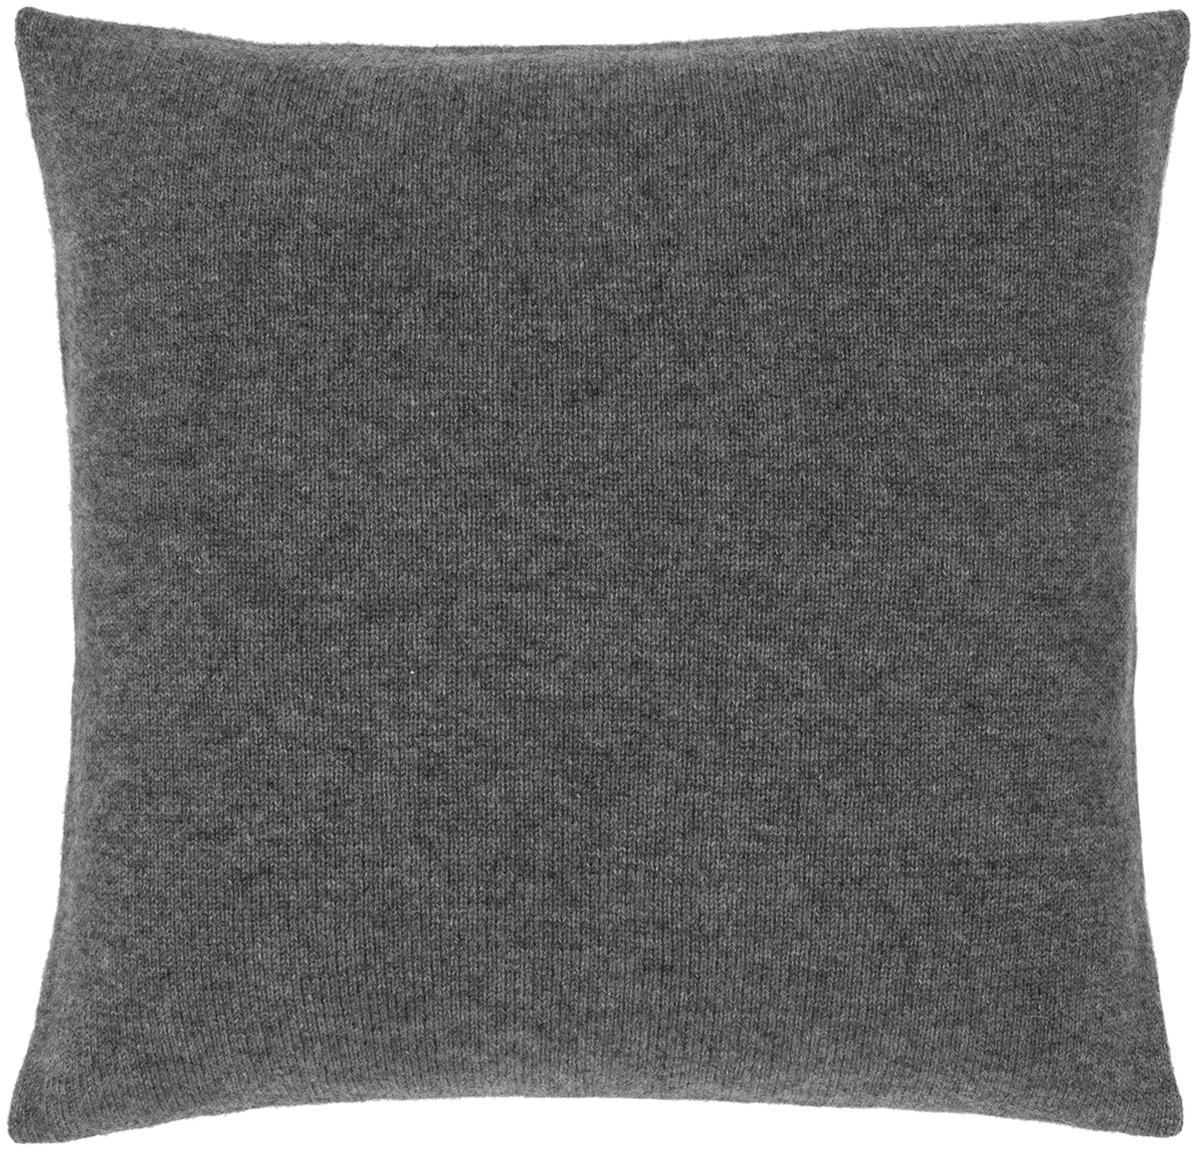 Federa arredo in maglia fine di cashmere Viviana, 70% cashmere, 30% lana merino, Grigio scuro, Larg. 40 x Lung. 40 cm